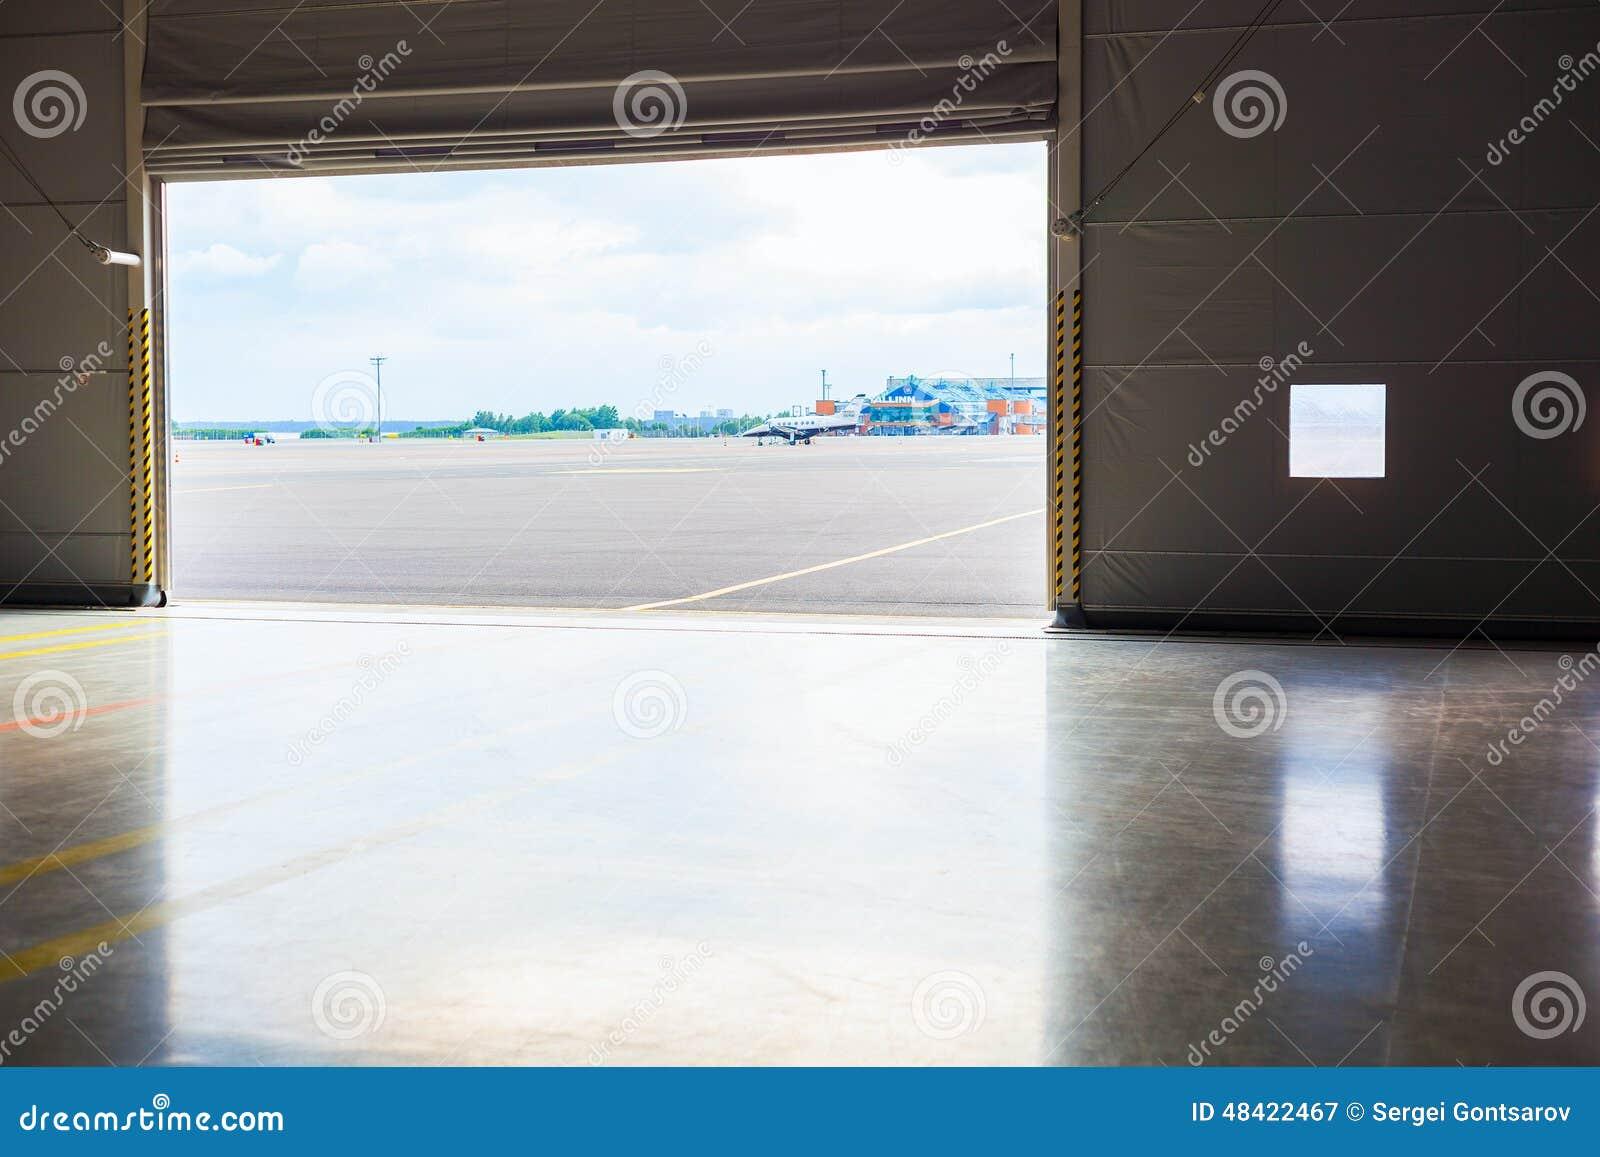 Alfa img showing gt glass hangar doors - Bright Image Number 34 Of Stock Doors